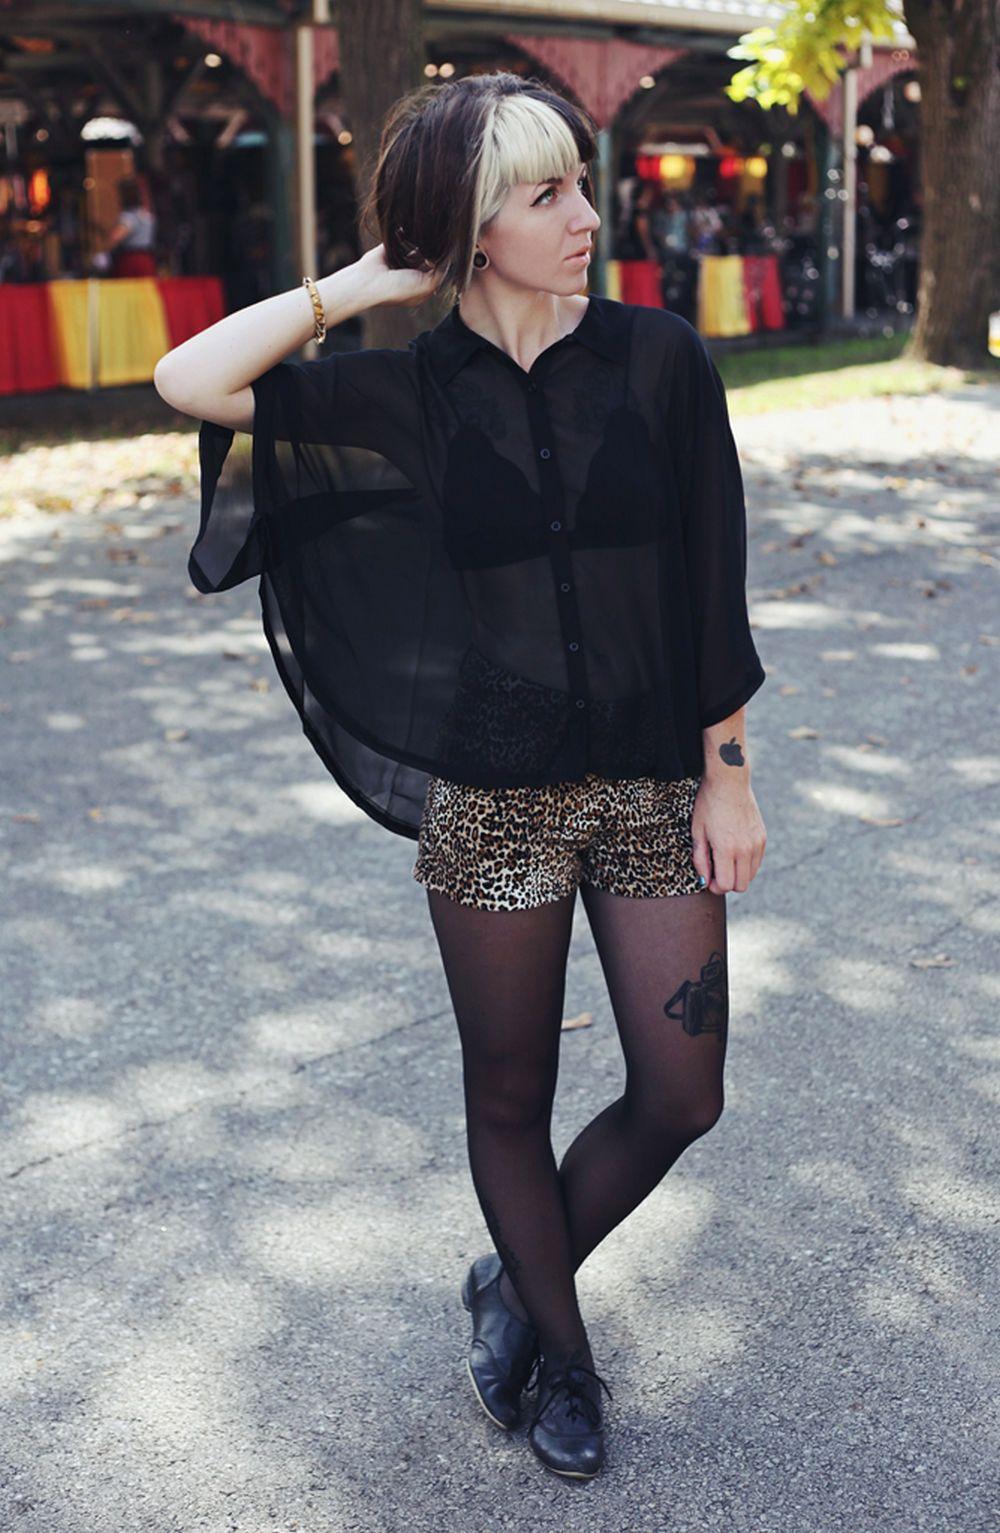 Down blouse black pantyhose